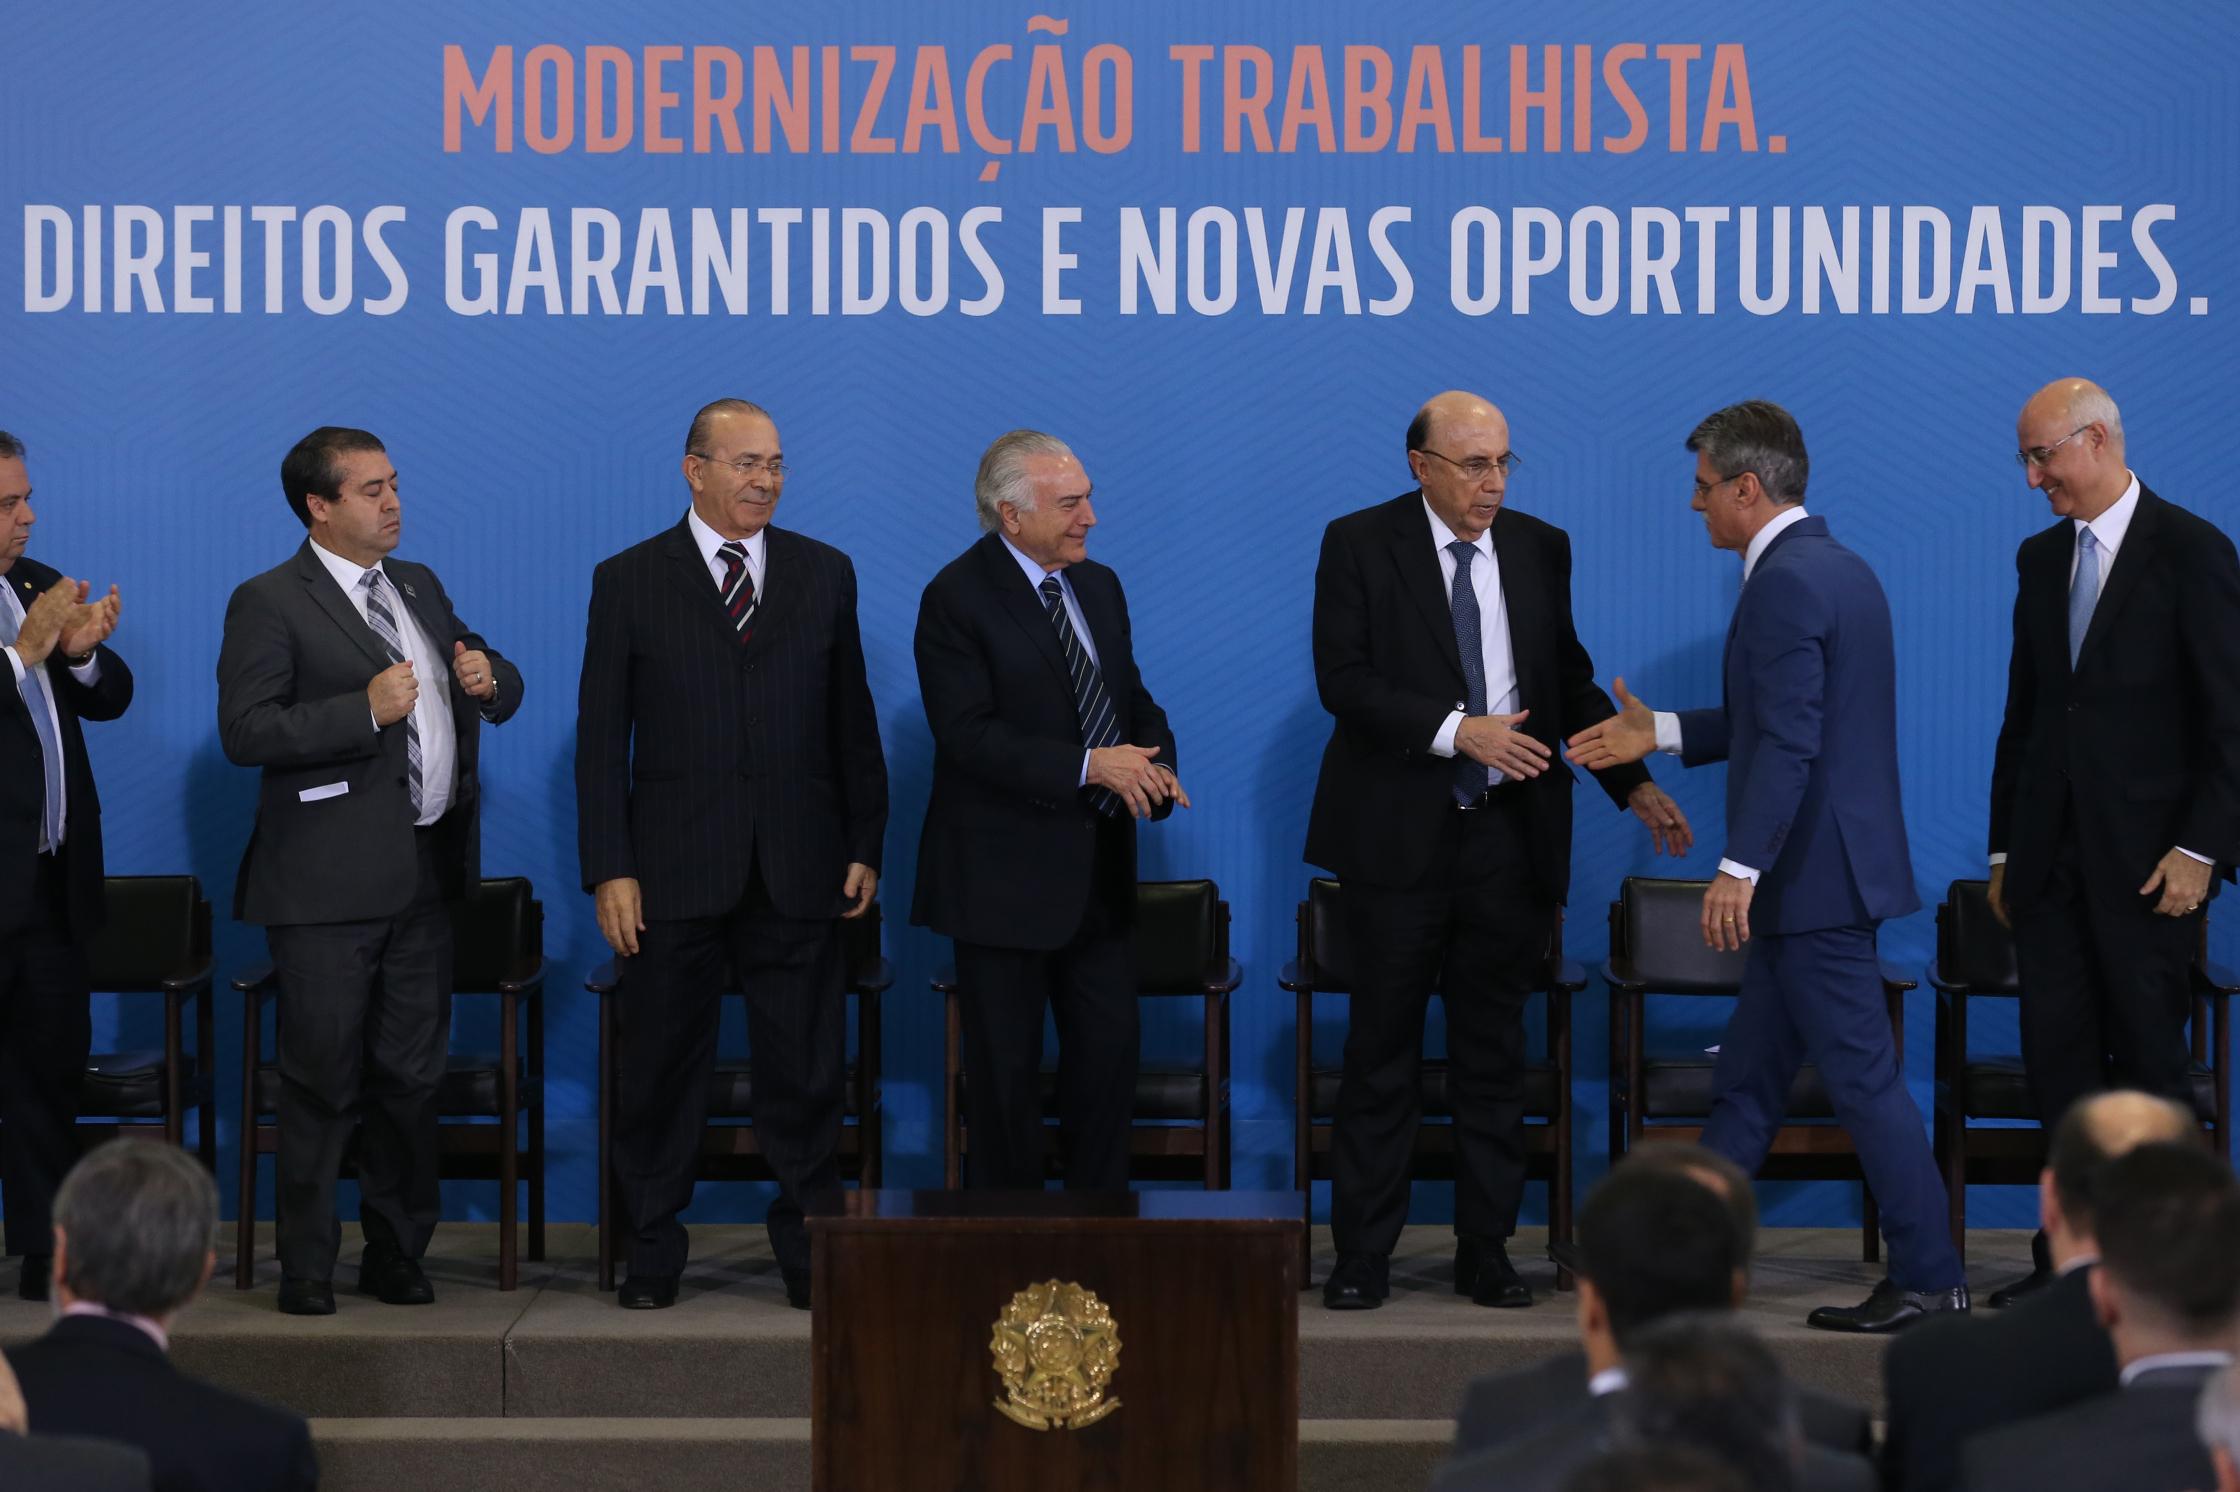 Veja o que saiu no Migalhas sobre Reforma trabalhista no Brasil em 2017